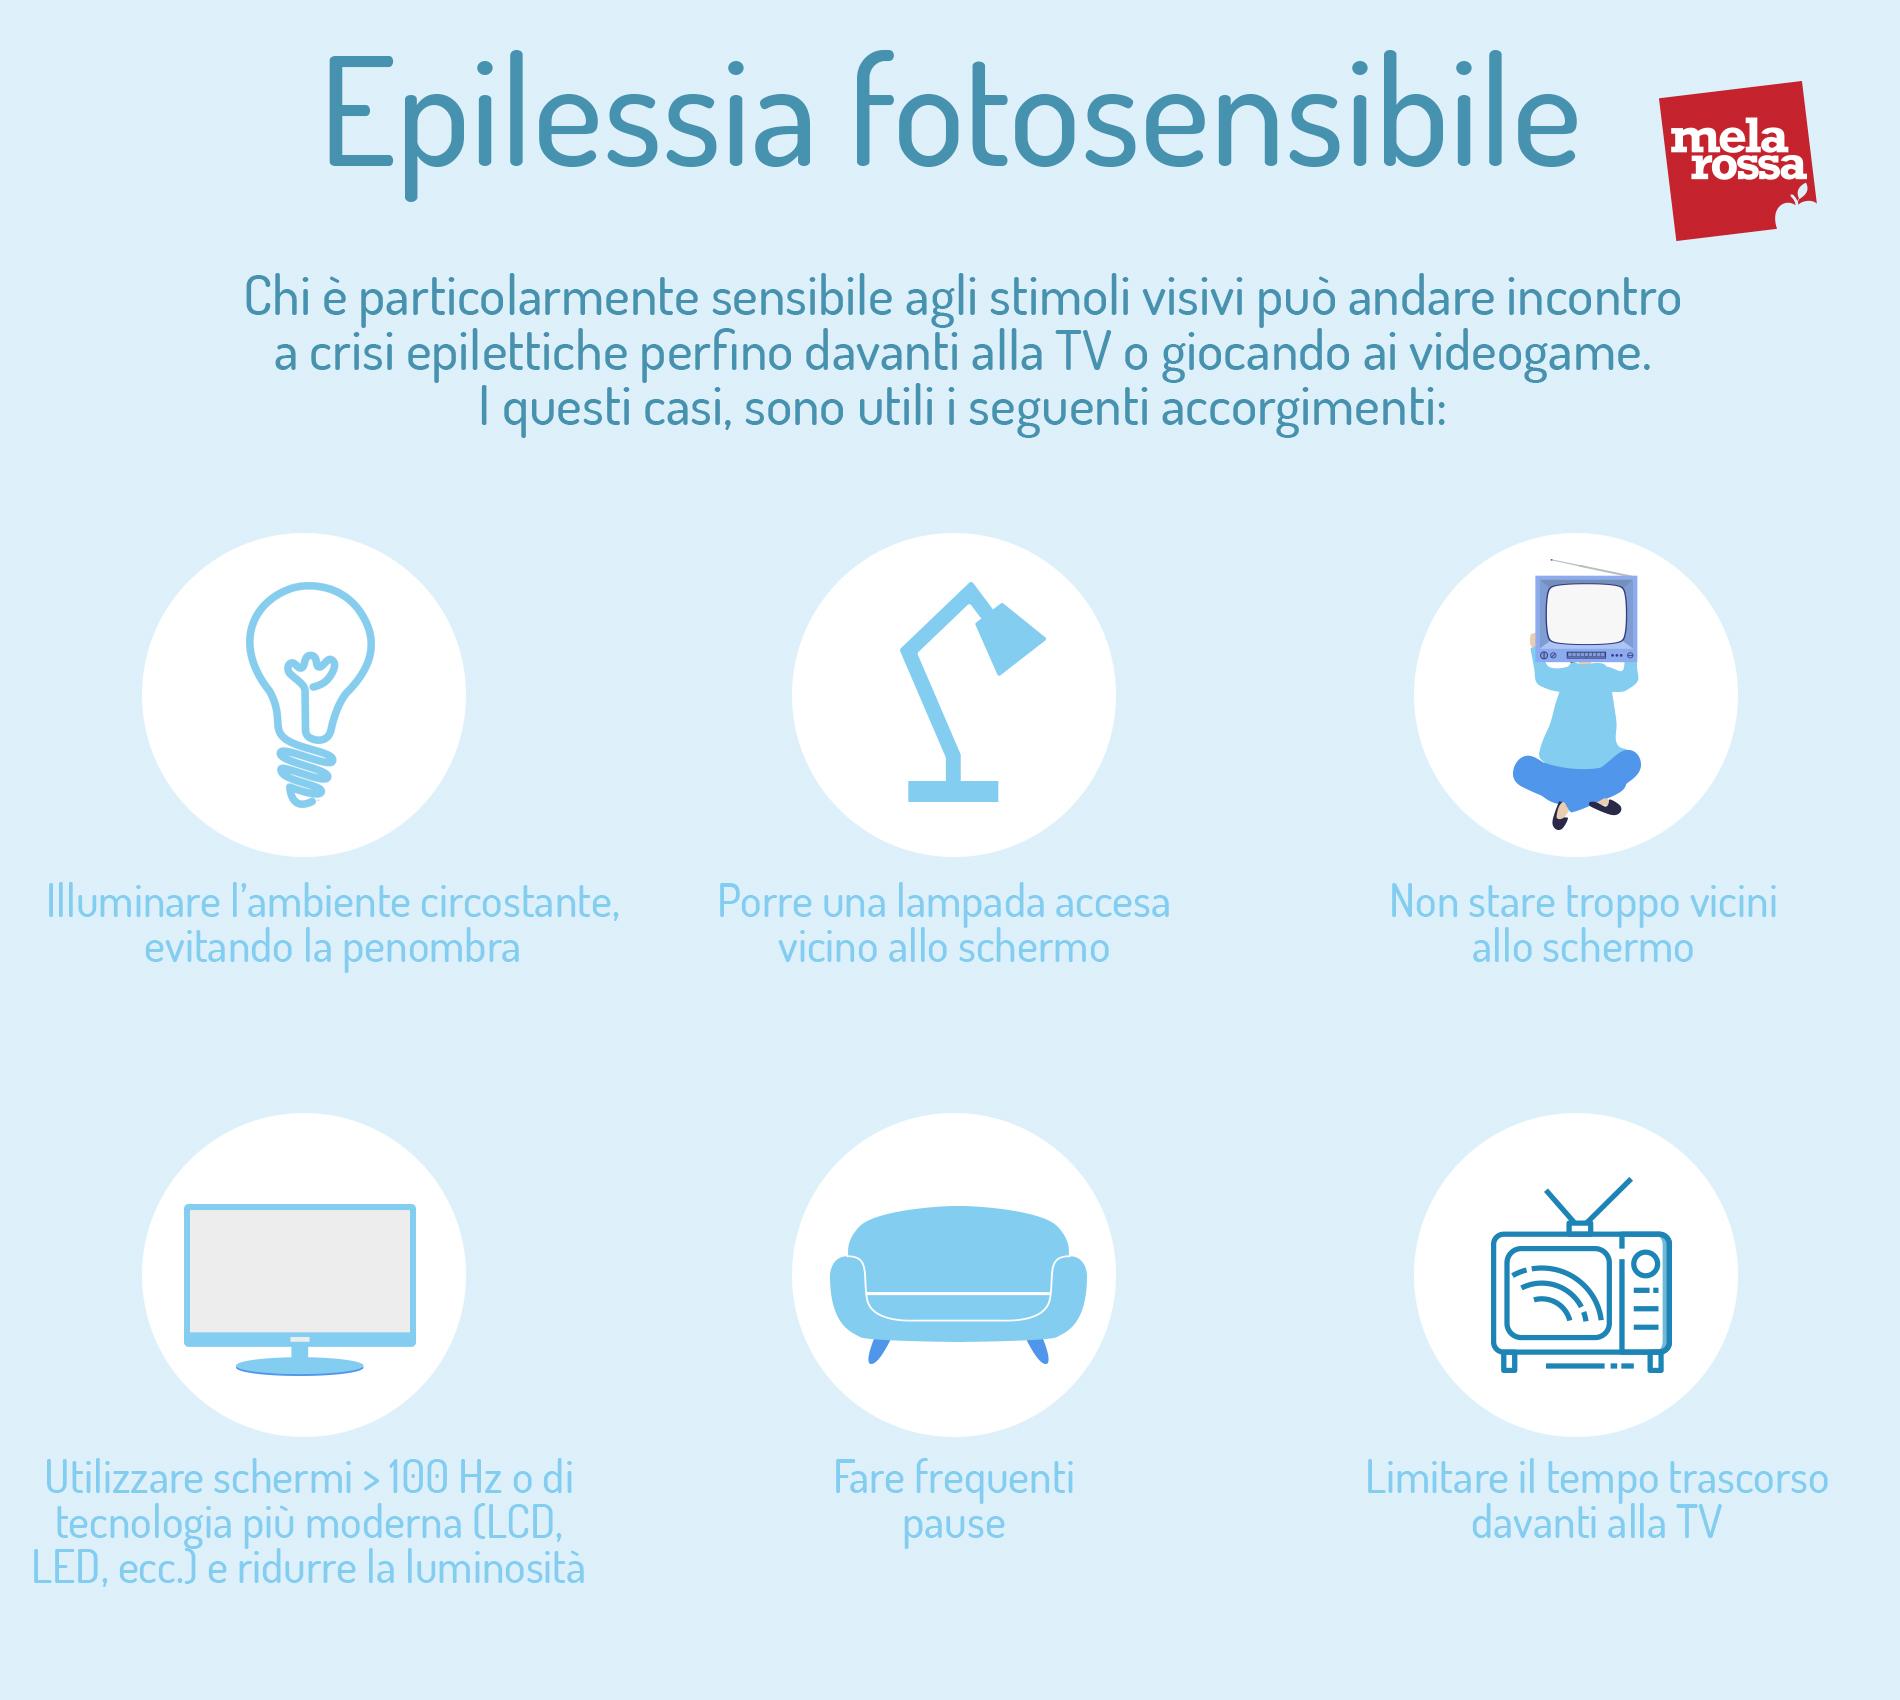 epilepsia fotosensible